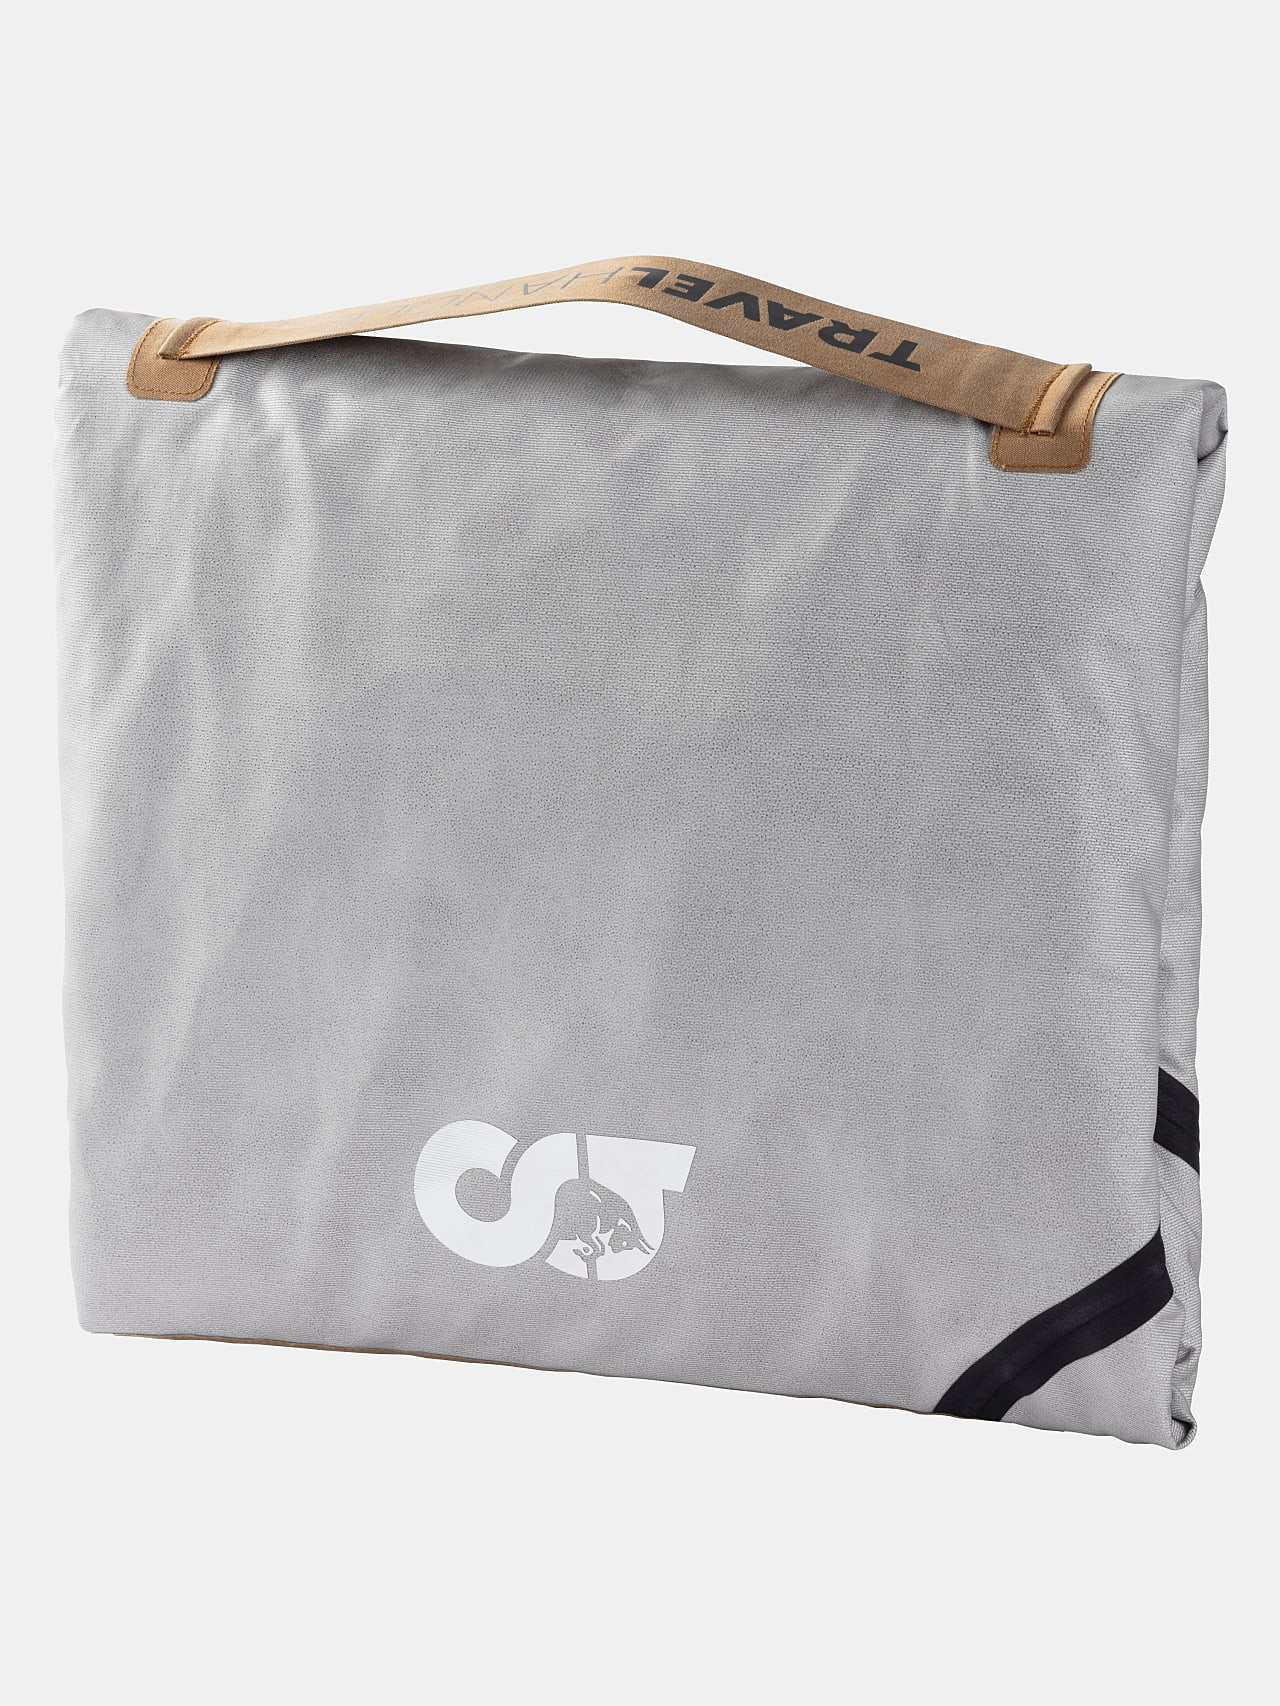 OKOVO V3.Y5.01 Packable Waterproof Jacket brown scene7.view.12.name Alpha Tauri